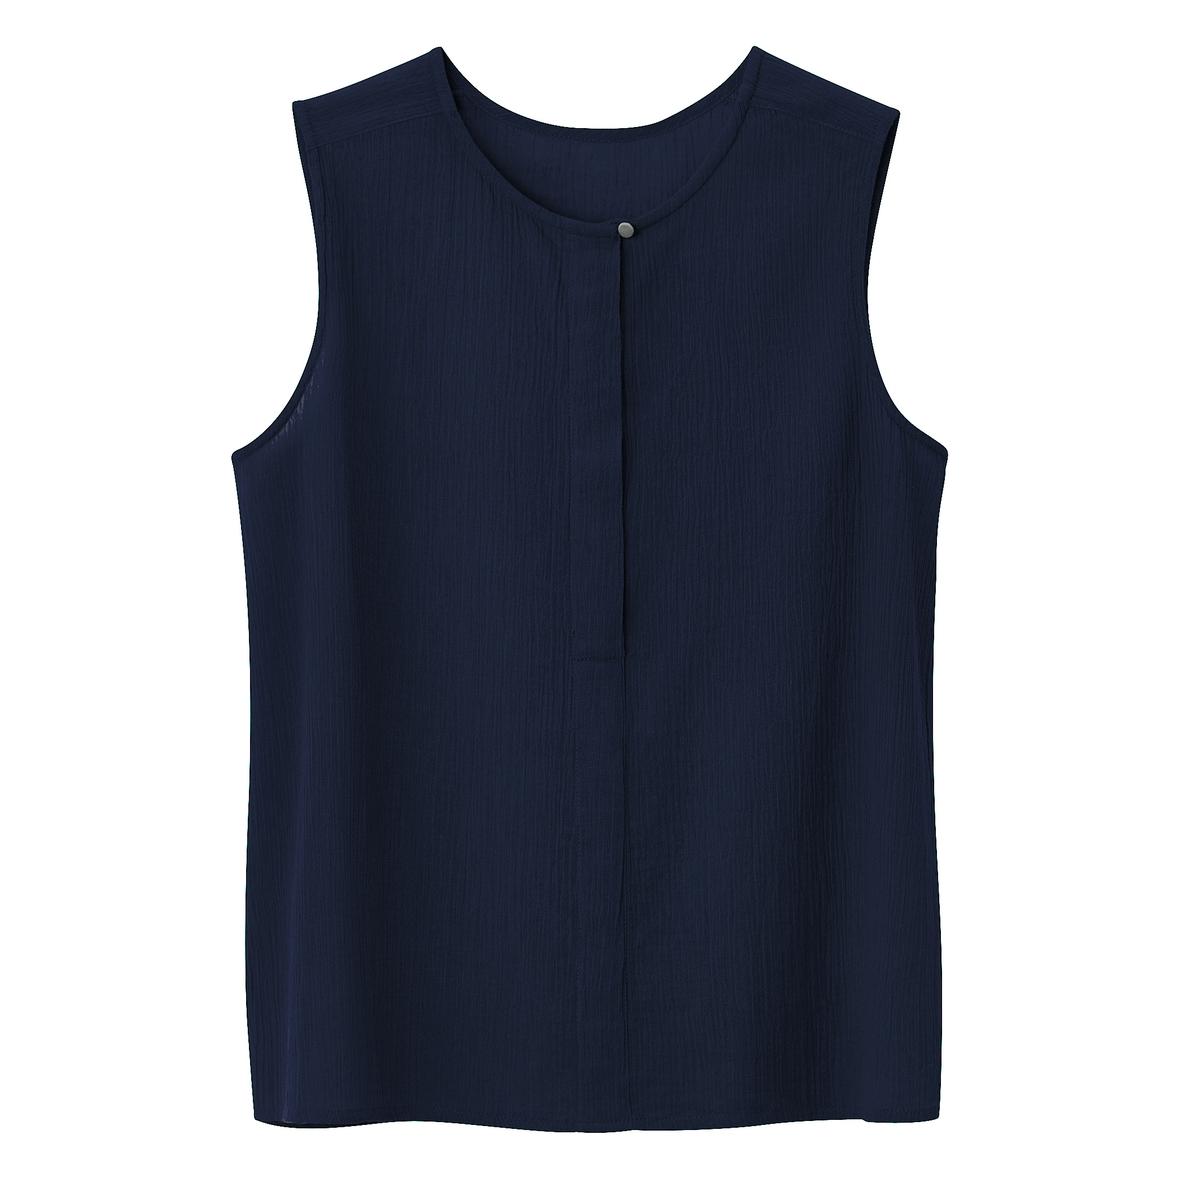 Блузка однотонная с круглым вырезом, с короткими рукавами